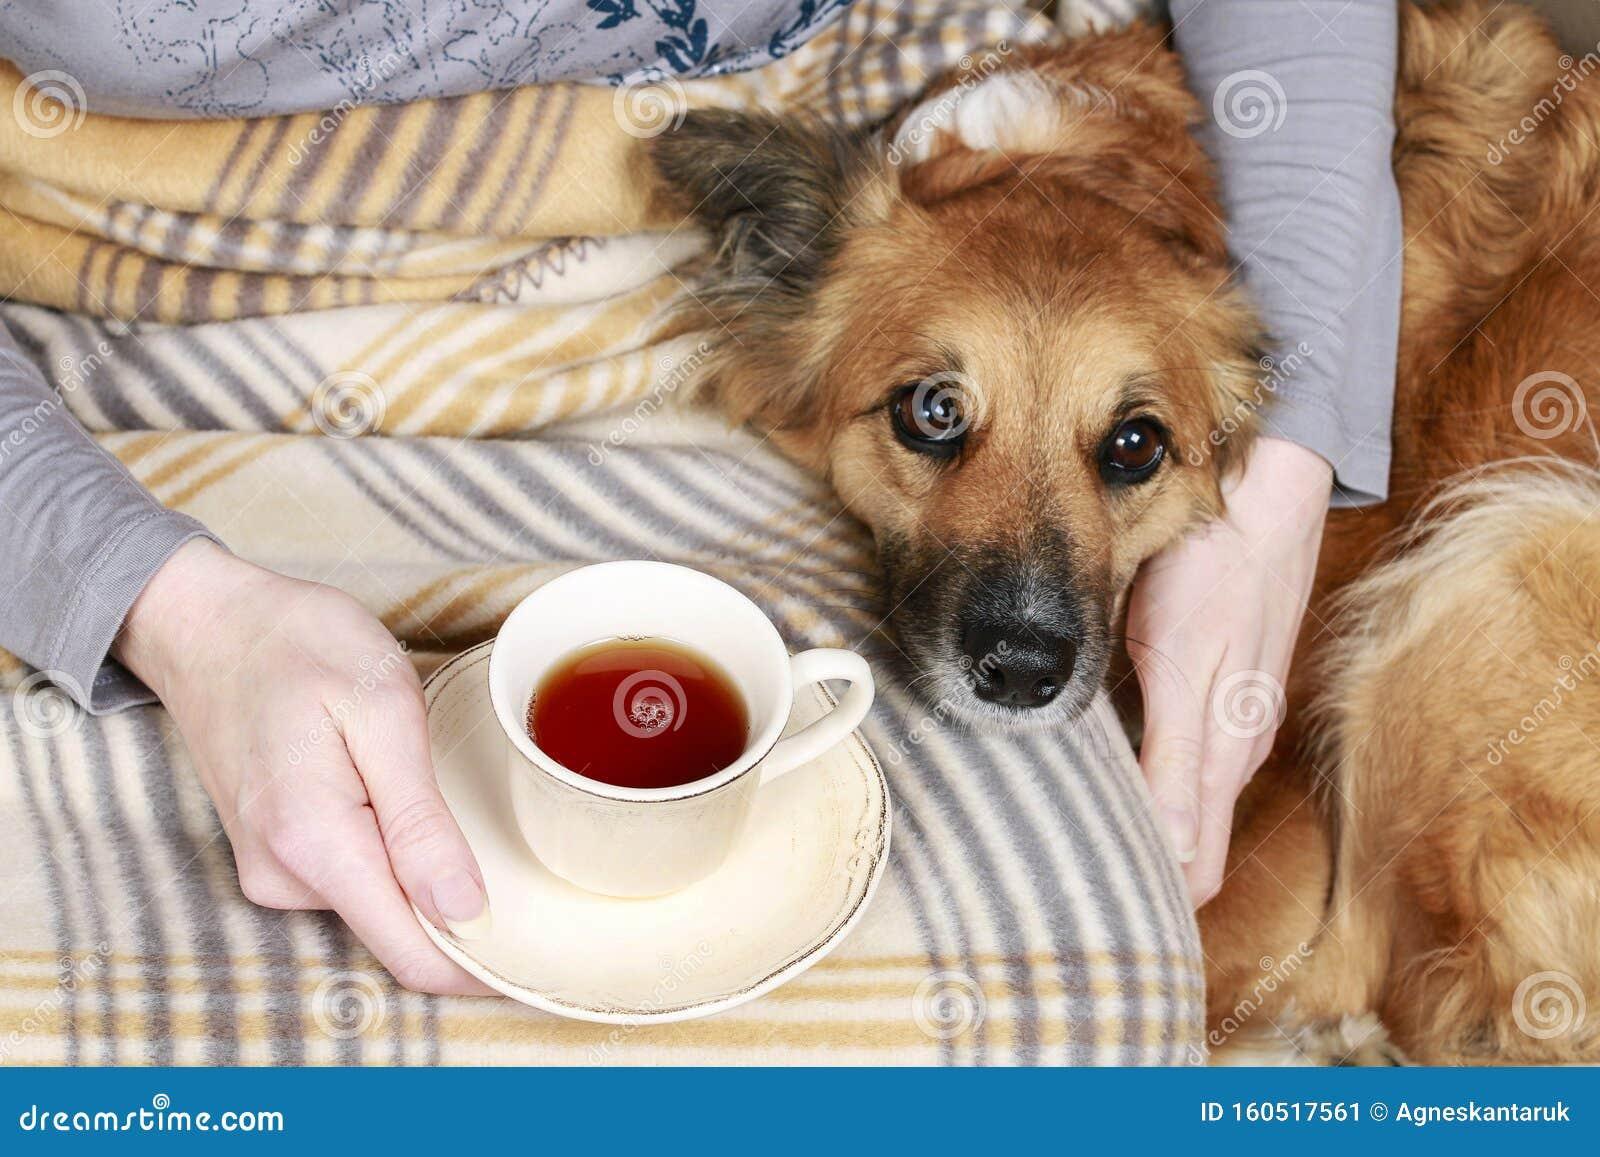 cup tea dog